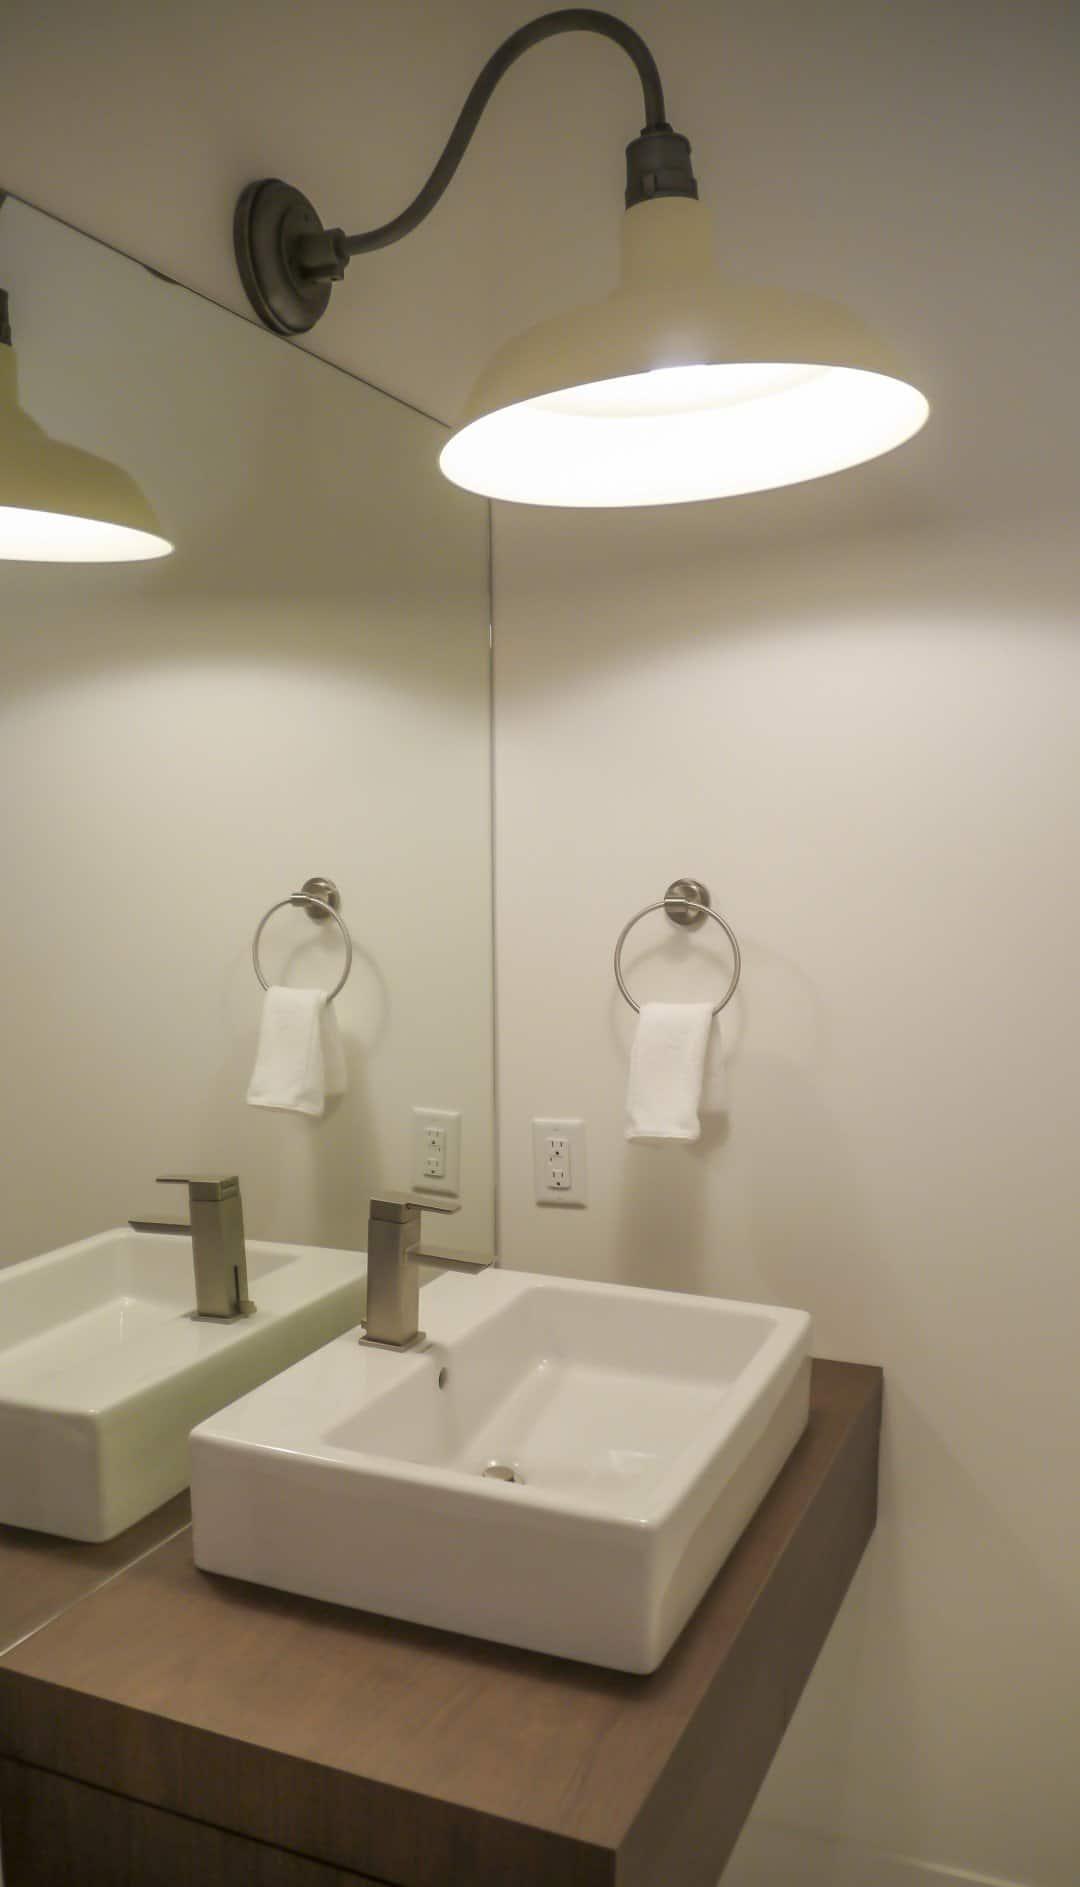 Large bathroom light